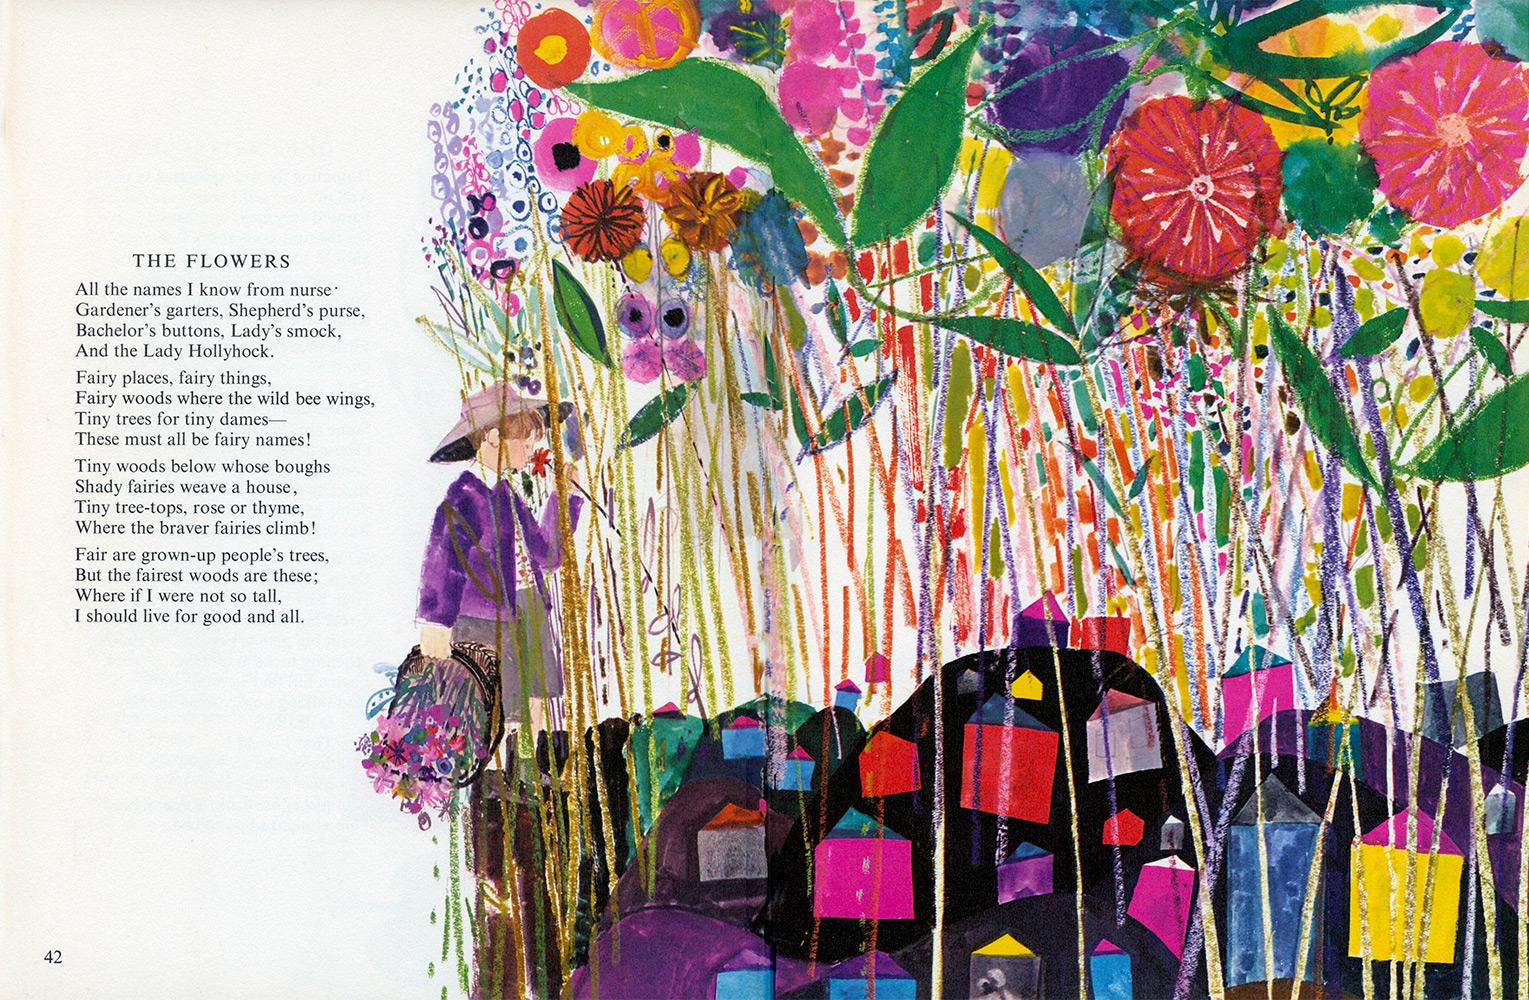 Robert-Louis-Stevenson-a-childs-garden-of-verses-The-Flowers-Brian-Wildsmith.jpg